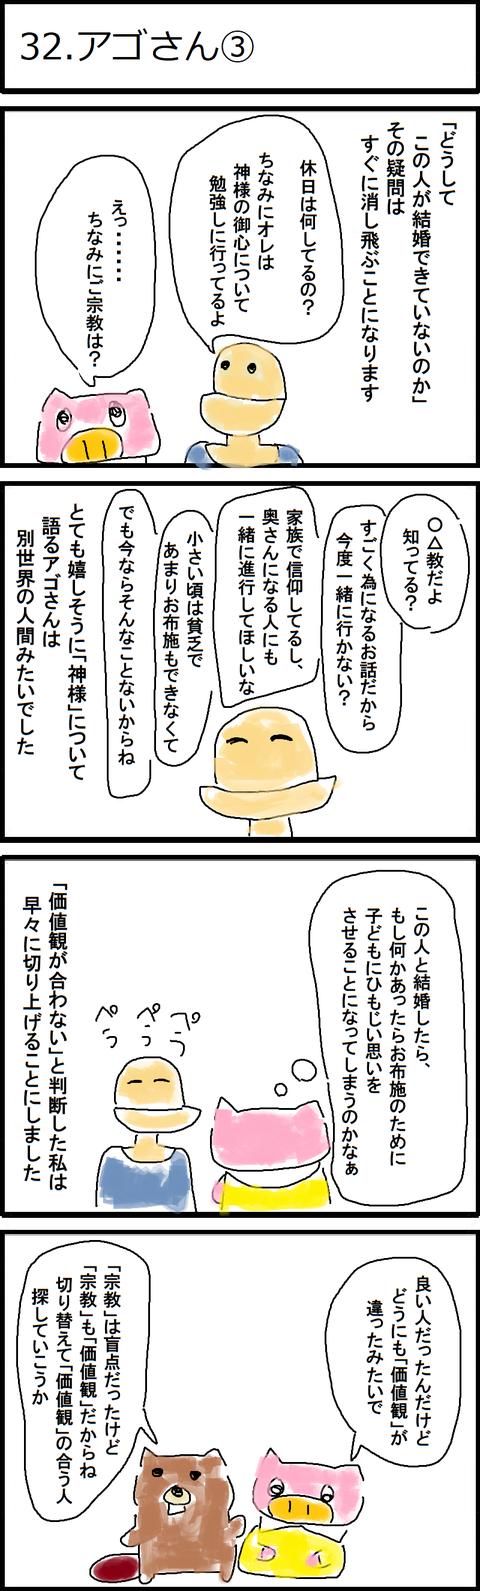 32.アゴさん③